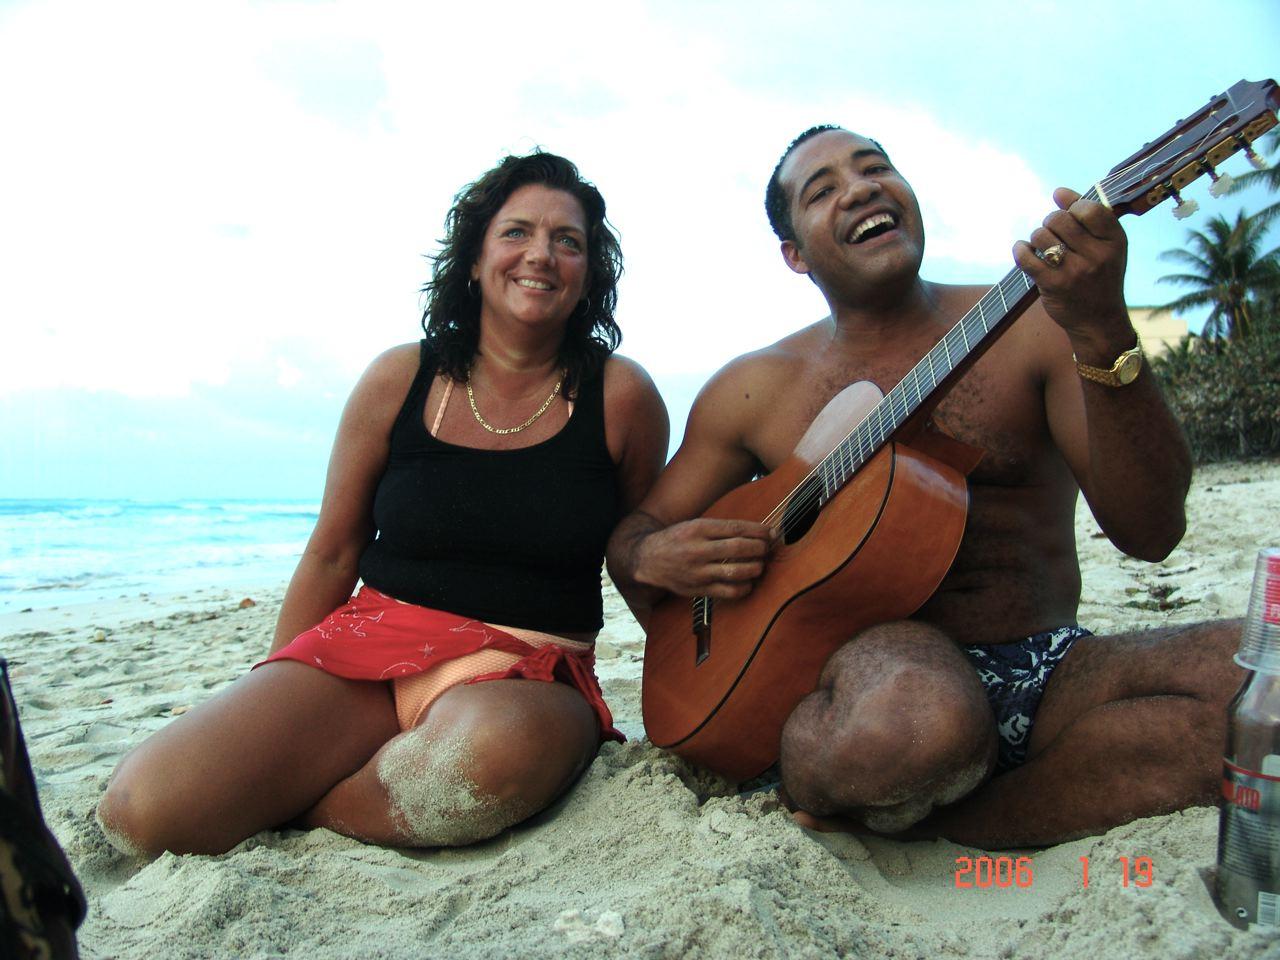 Cuba: fotos del acontecer diario 2301688902_1fb4196a6b_o